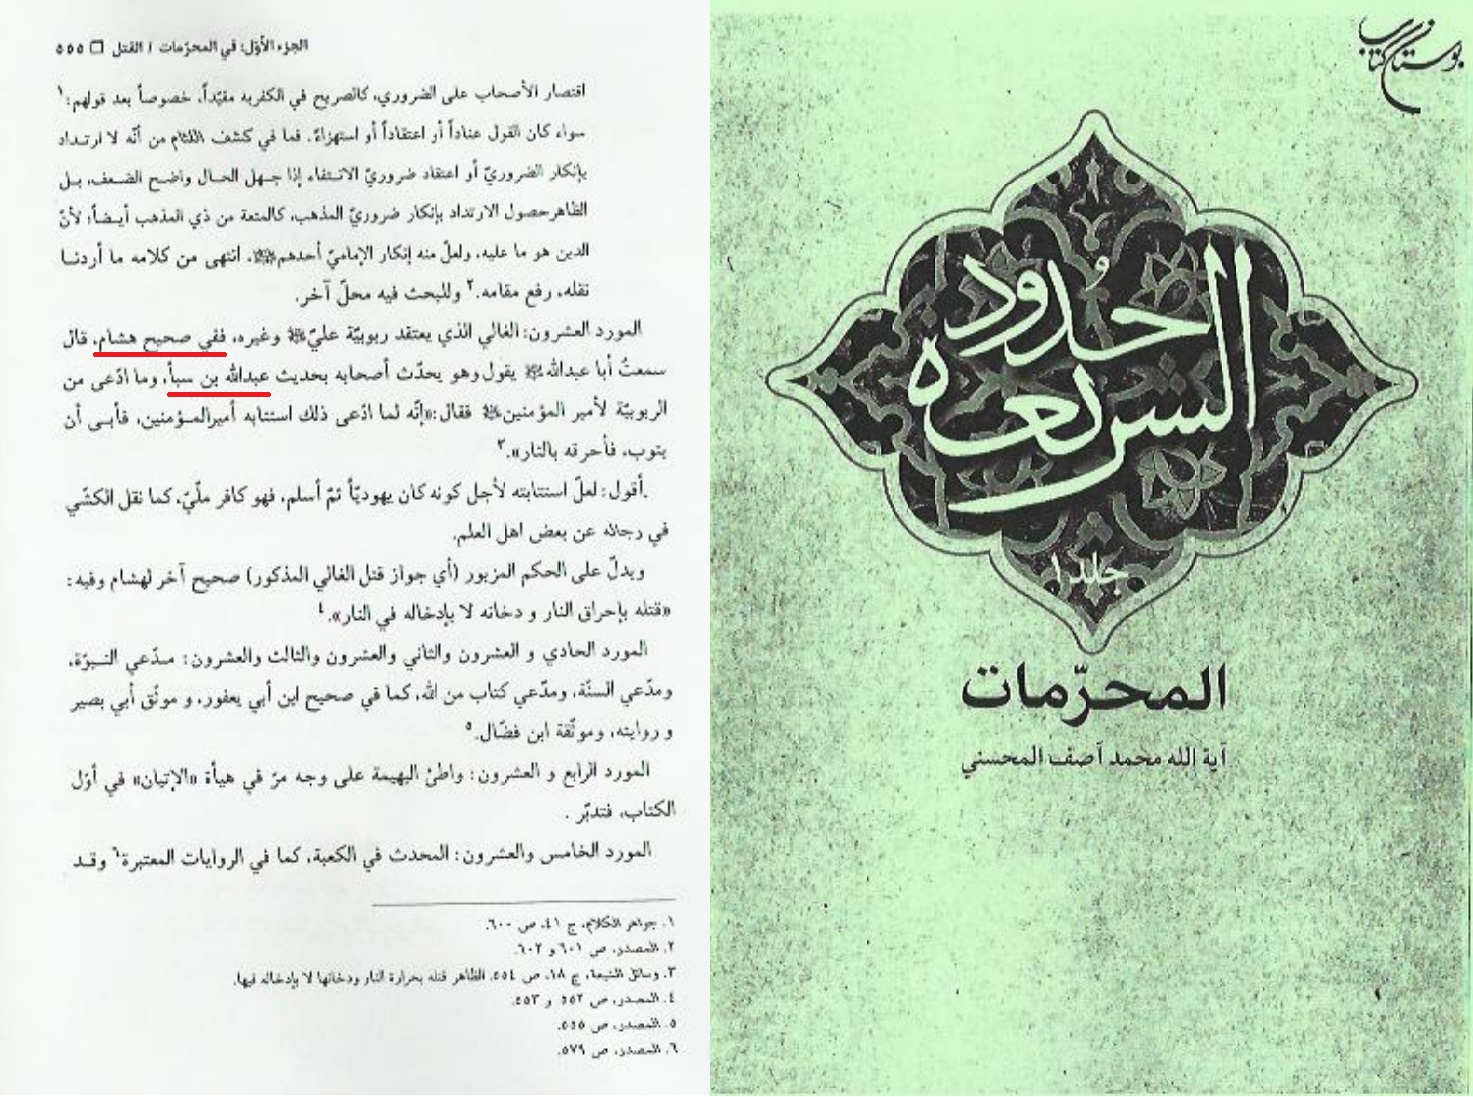 الاســـم:سند صحيح من كتب الشيعة 3.jpg المشاهدات: 1688 الحجـــم:484.4 كيلوبايت